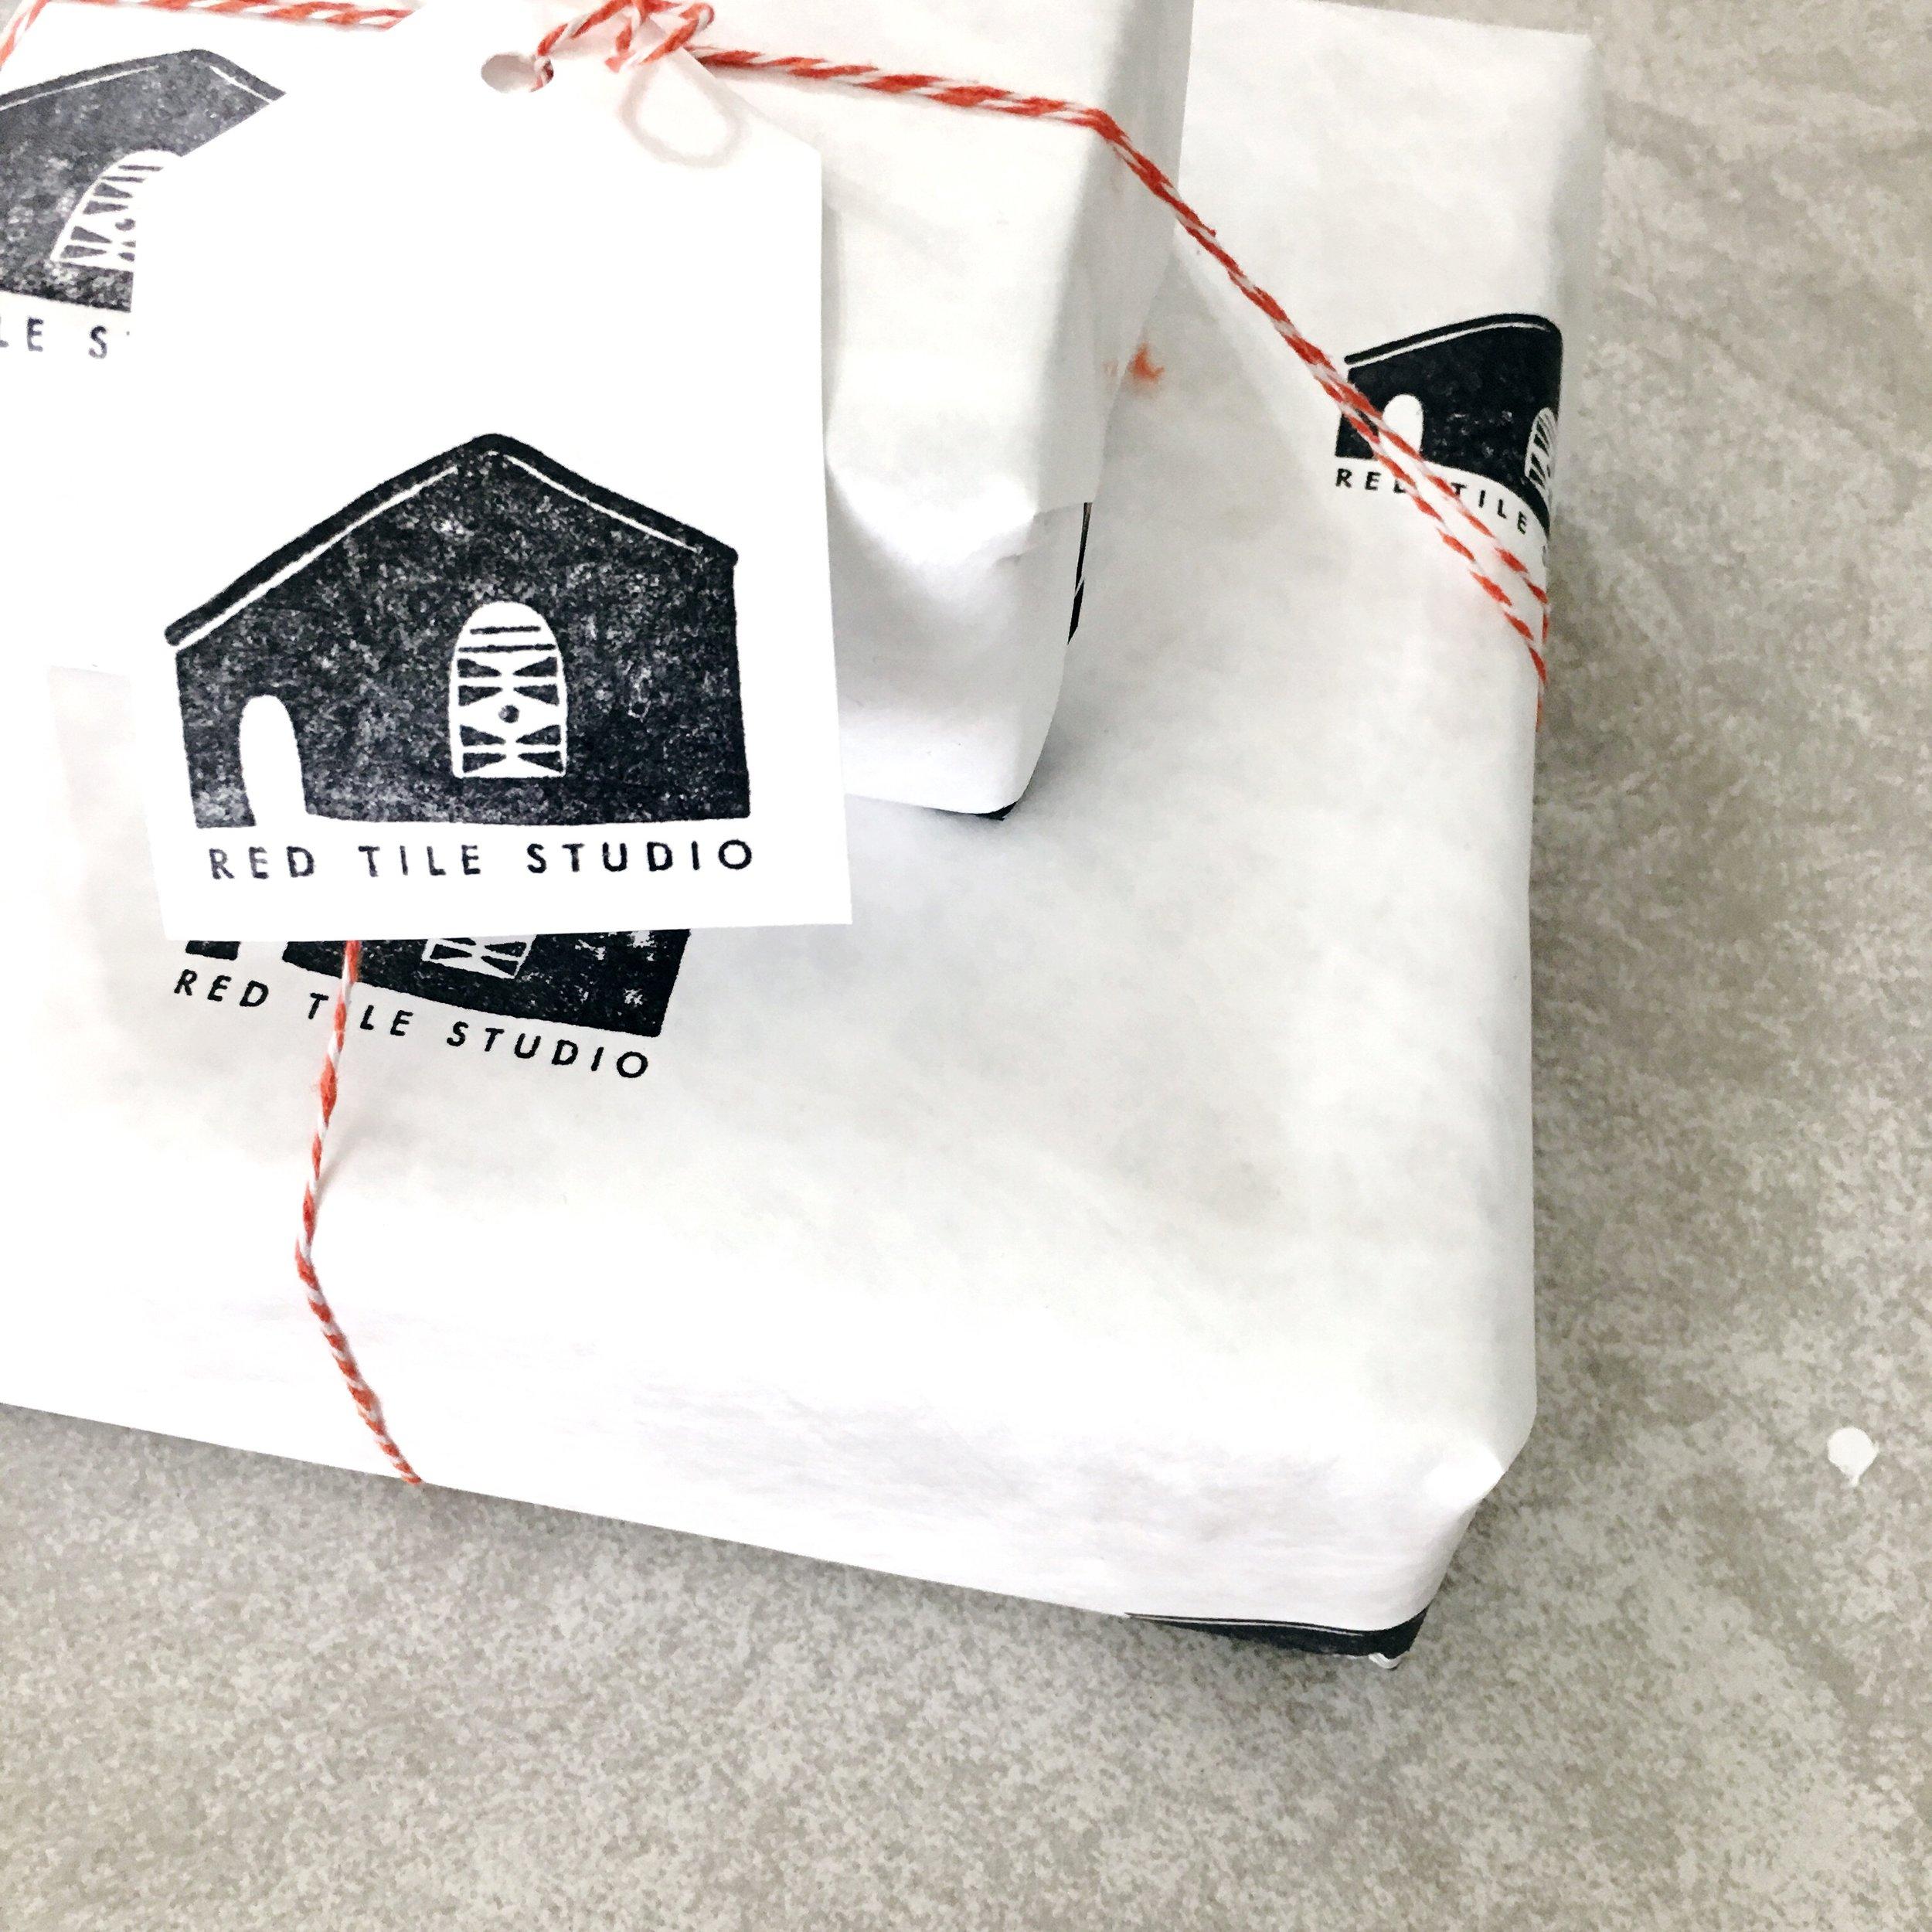 Creatiate Stamps Packaging Ideas - The Creatiate DIY Blog _0450.jpg